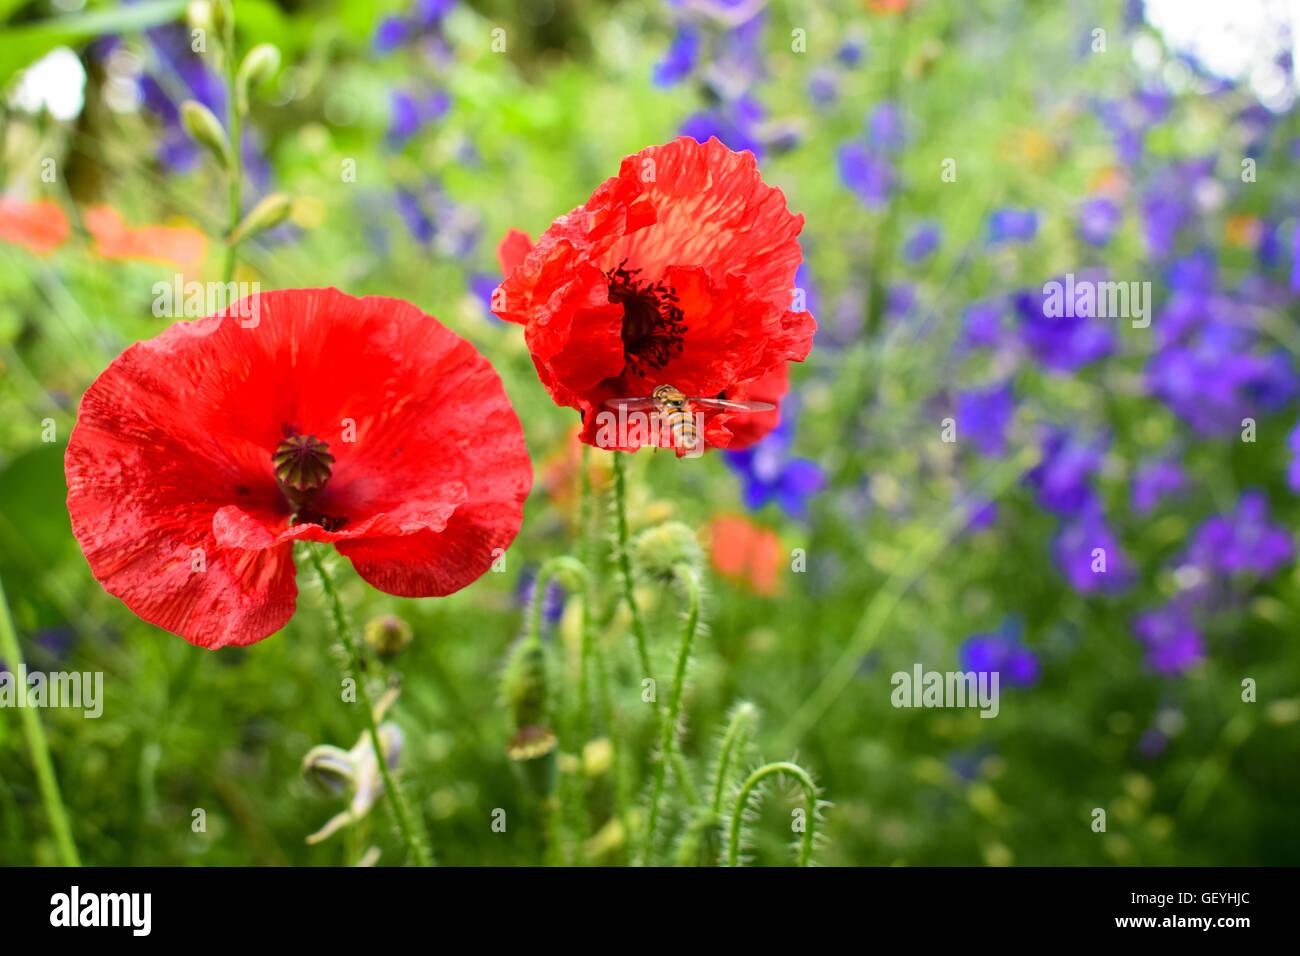 Honey bee flying towards vibrant red poppy leaves - Stock Image